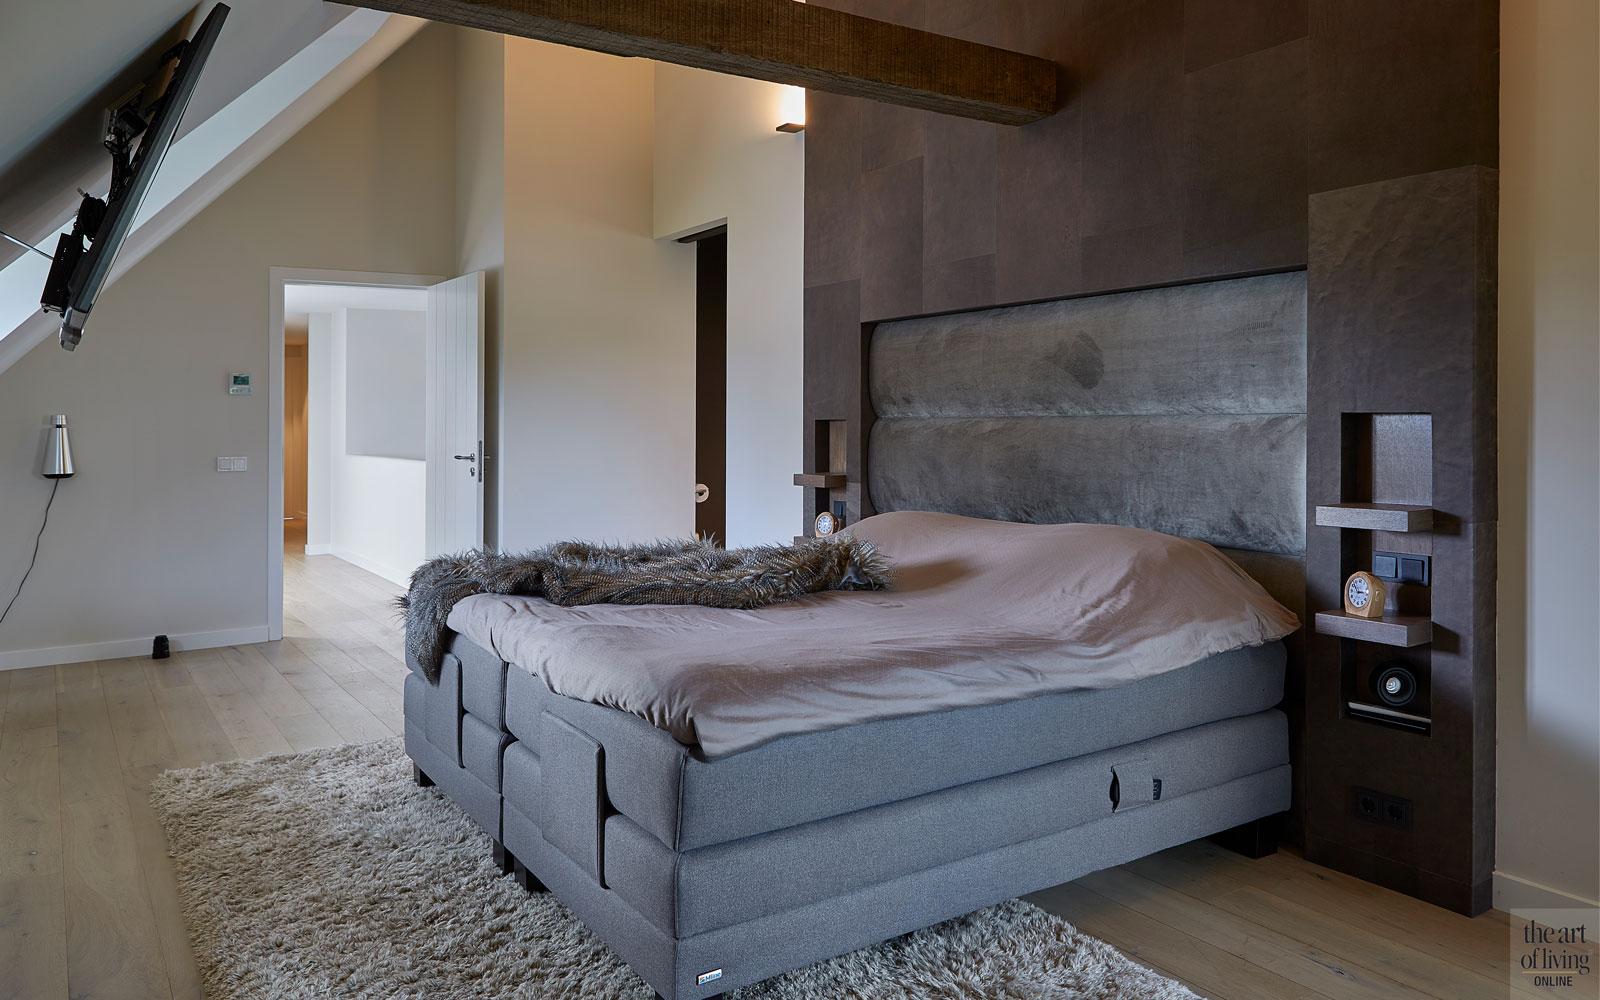 Boerderij, Marco Daverveld, Interieurdesign, Landelijk interieur, Landelijk wonen, Design meubels, Warm interieur, Slaapkamer, Masterbedroom